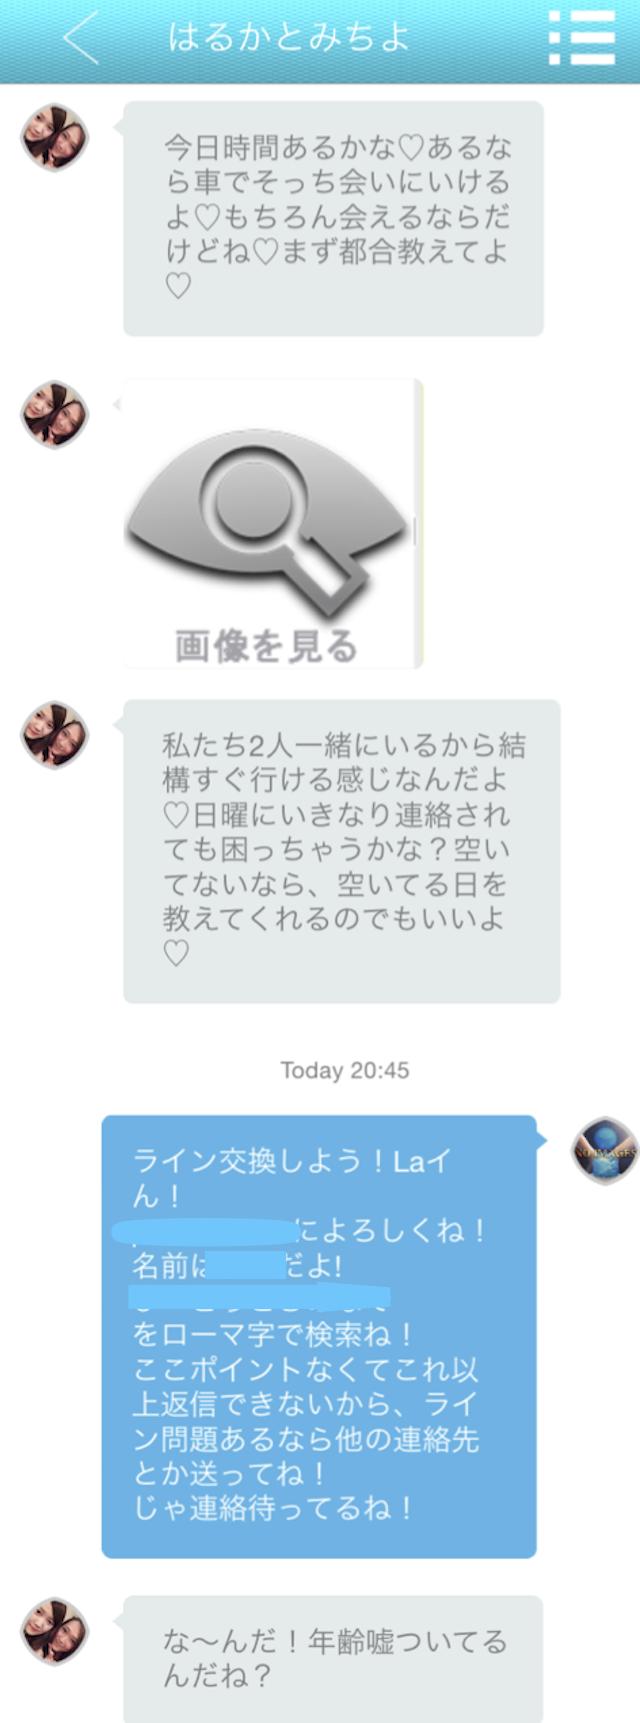 友達フレンズ_アプリ4